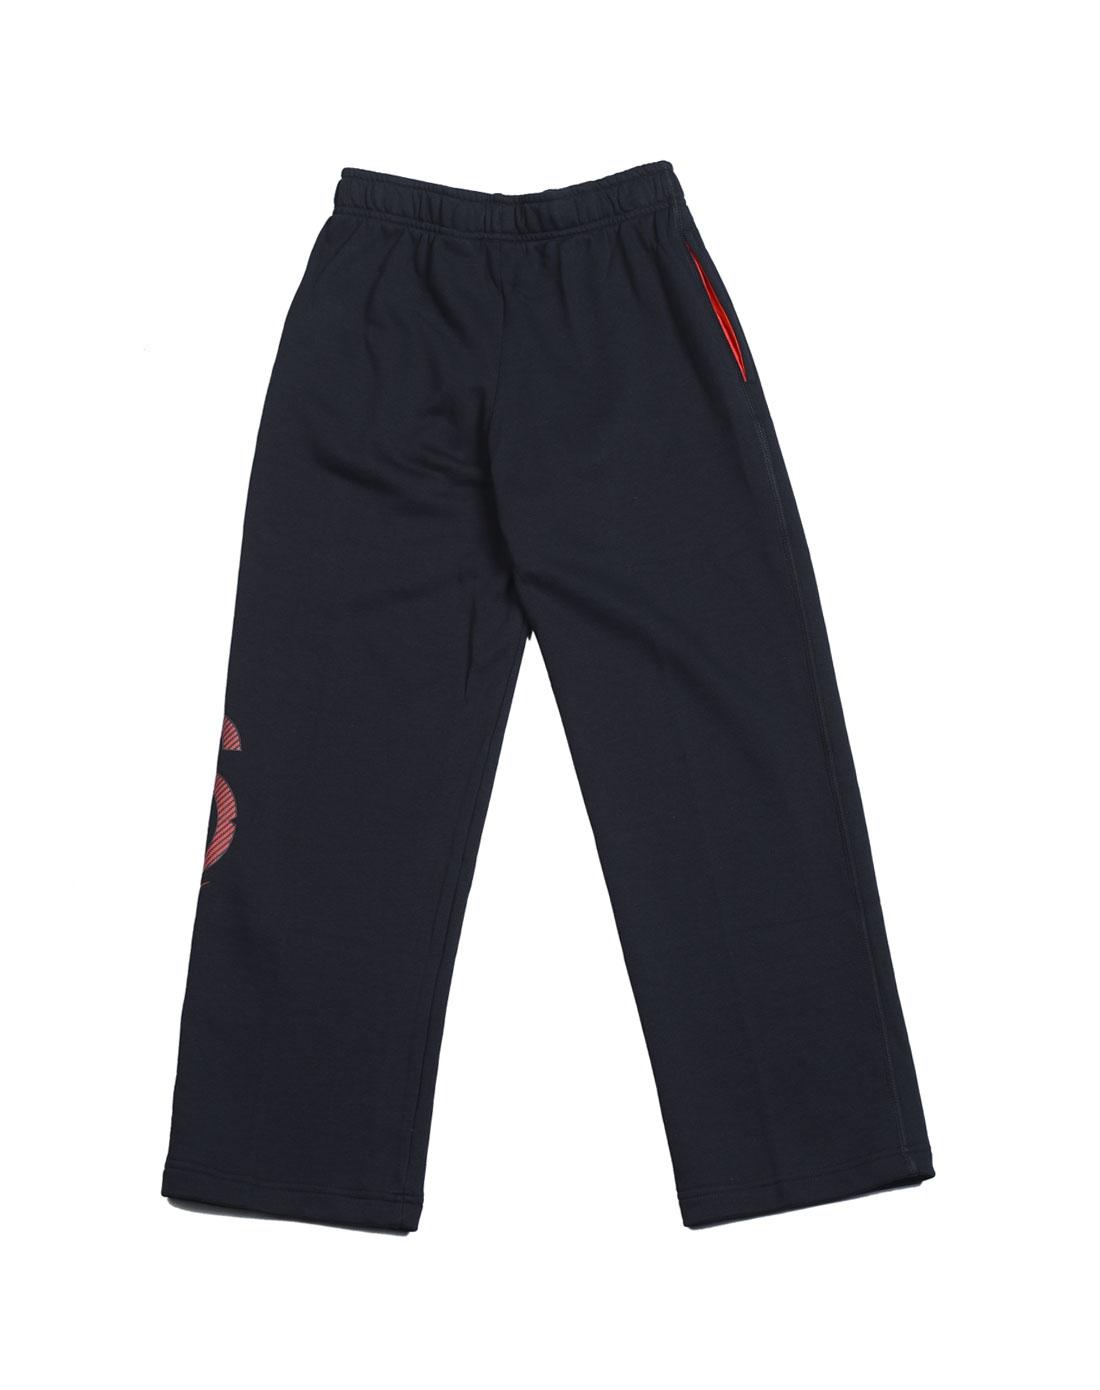 耐克nike儿童黑色长裤480380-010